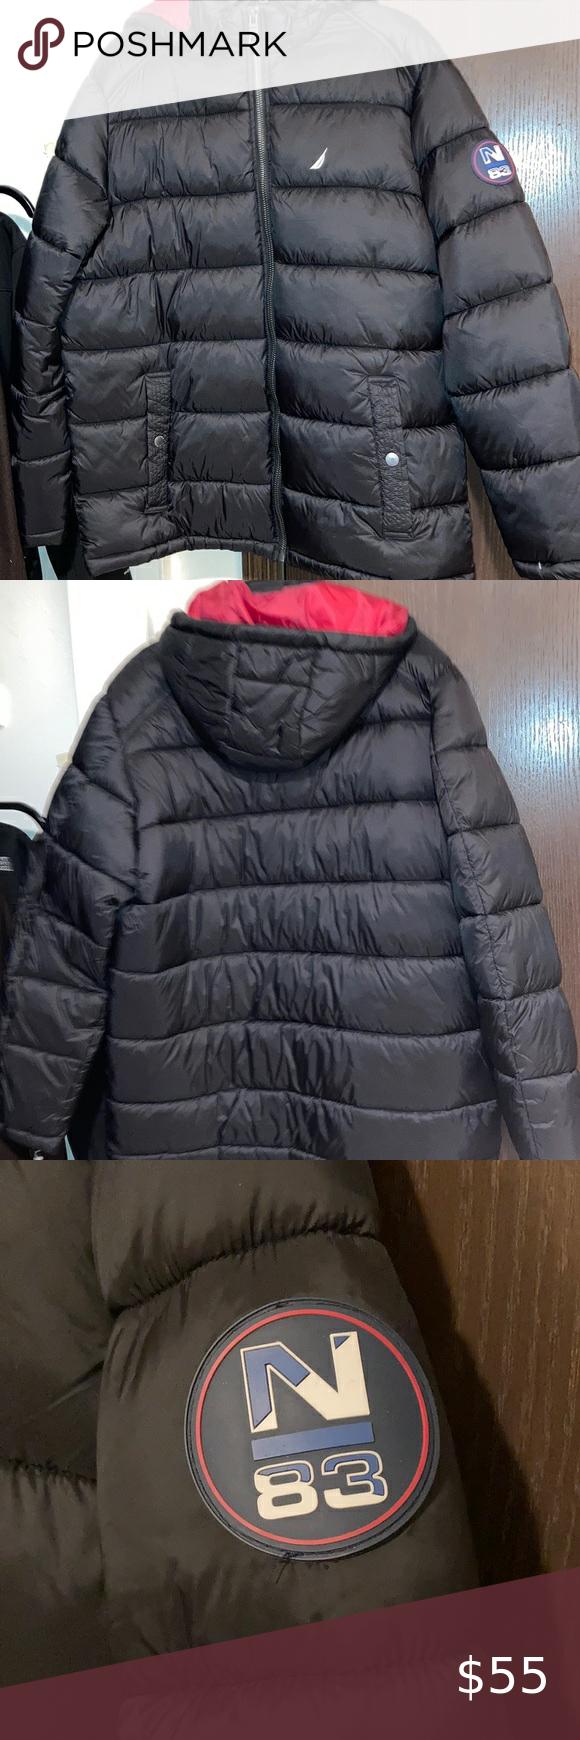 Nautica Coat Men S Coat Coats Jackets Women Vintage Jacket [ 1740 x 580 Pixel ]